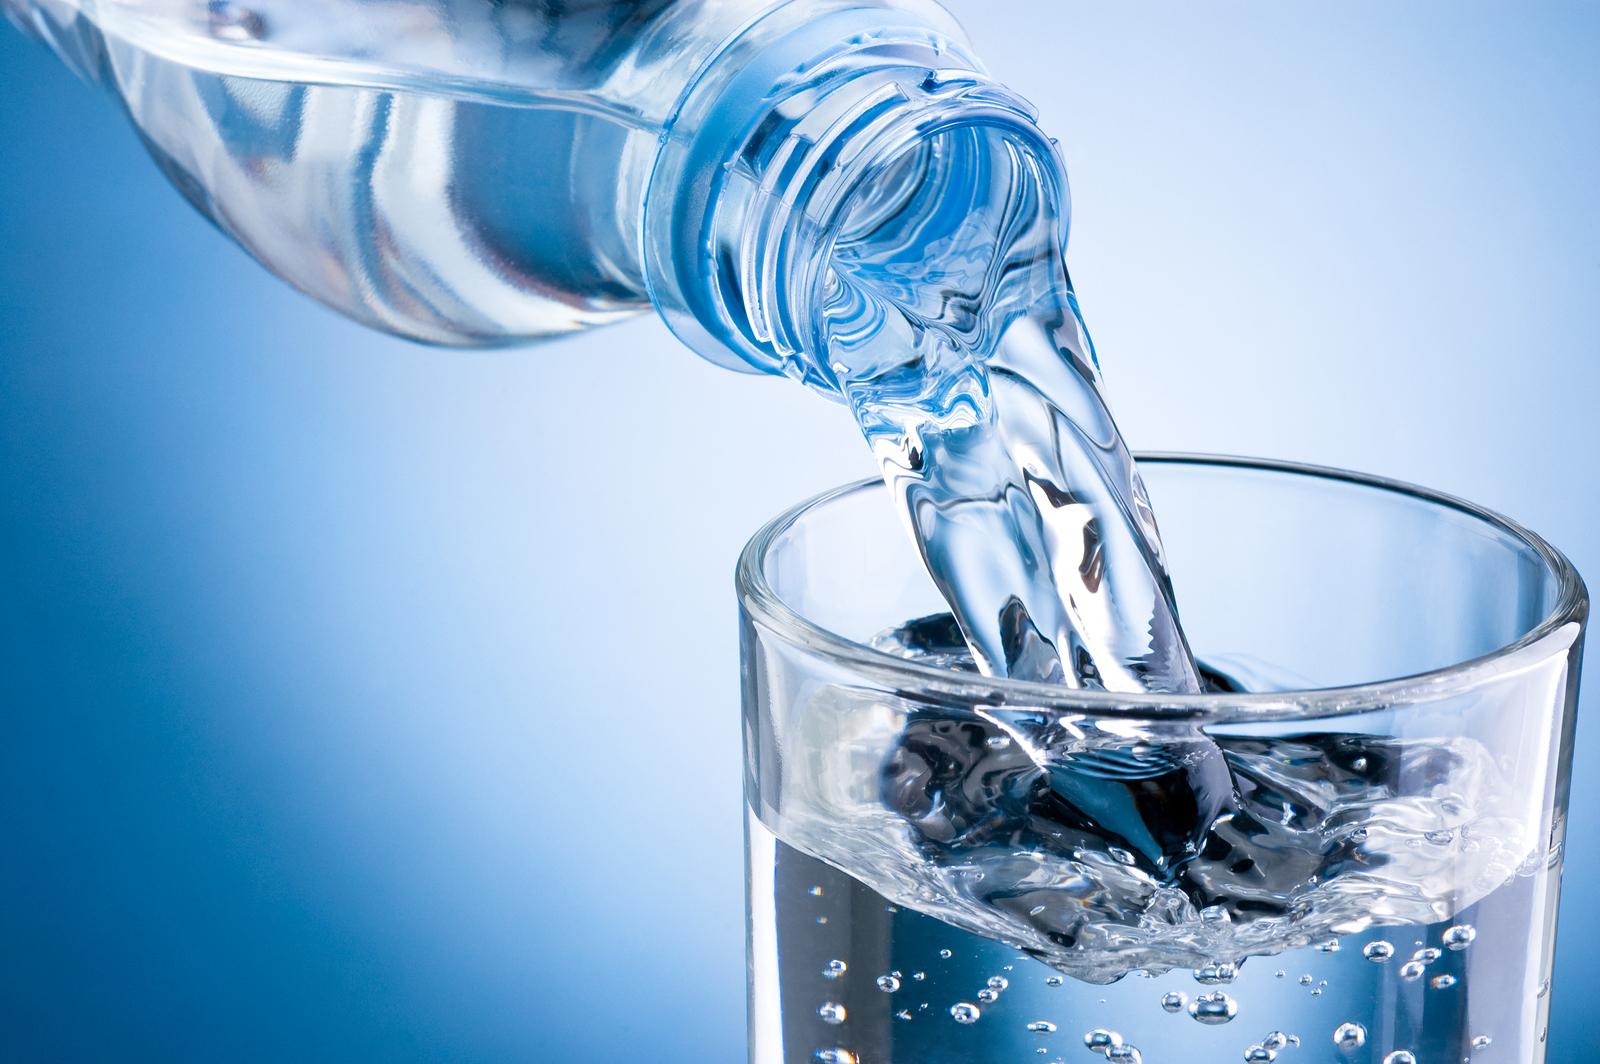 fluids from nasa